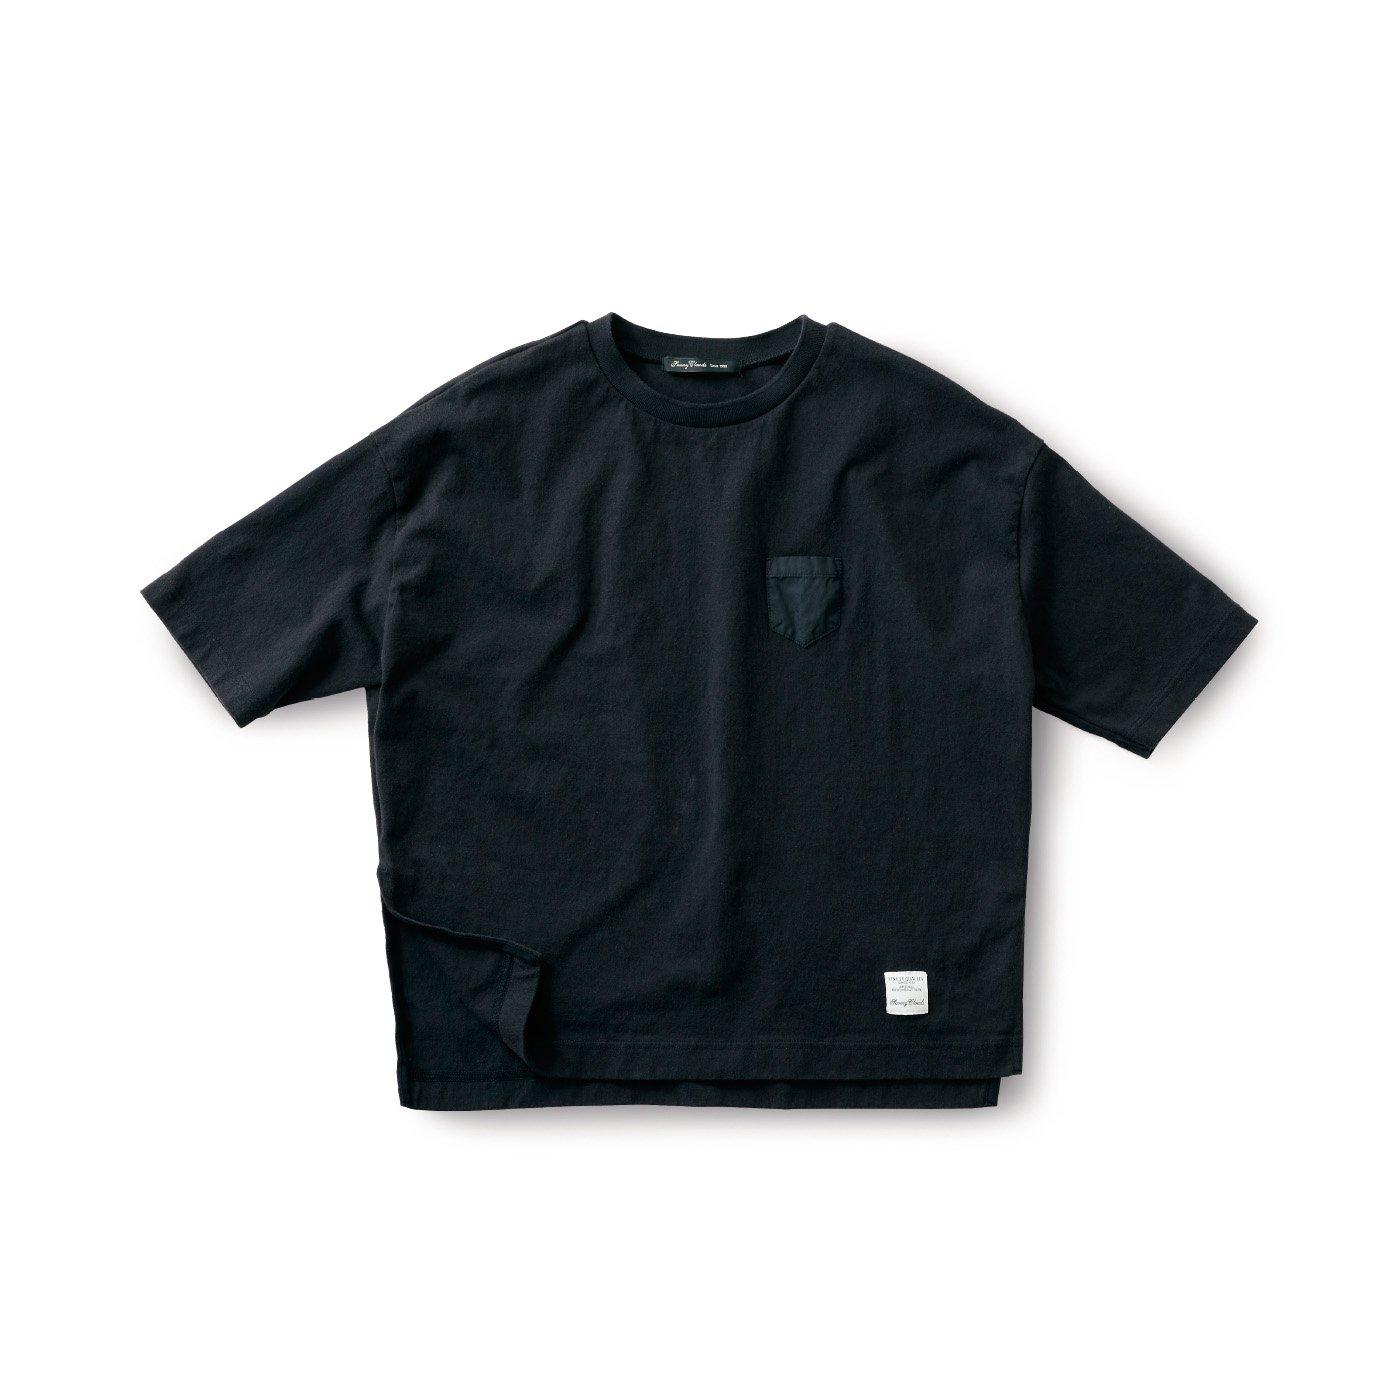 サニークラウズ ドデカいTシャツ〈レディース〉黒